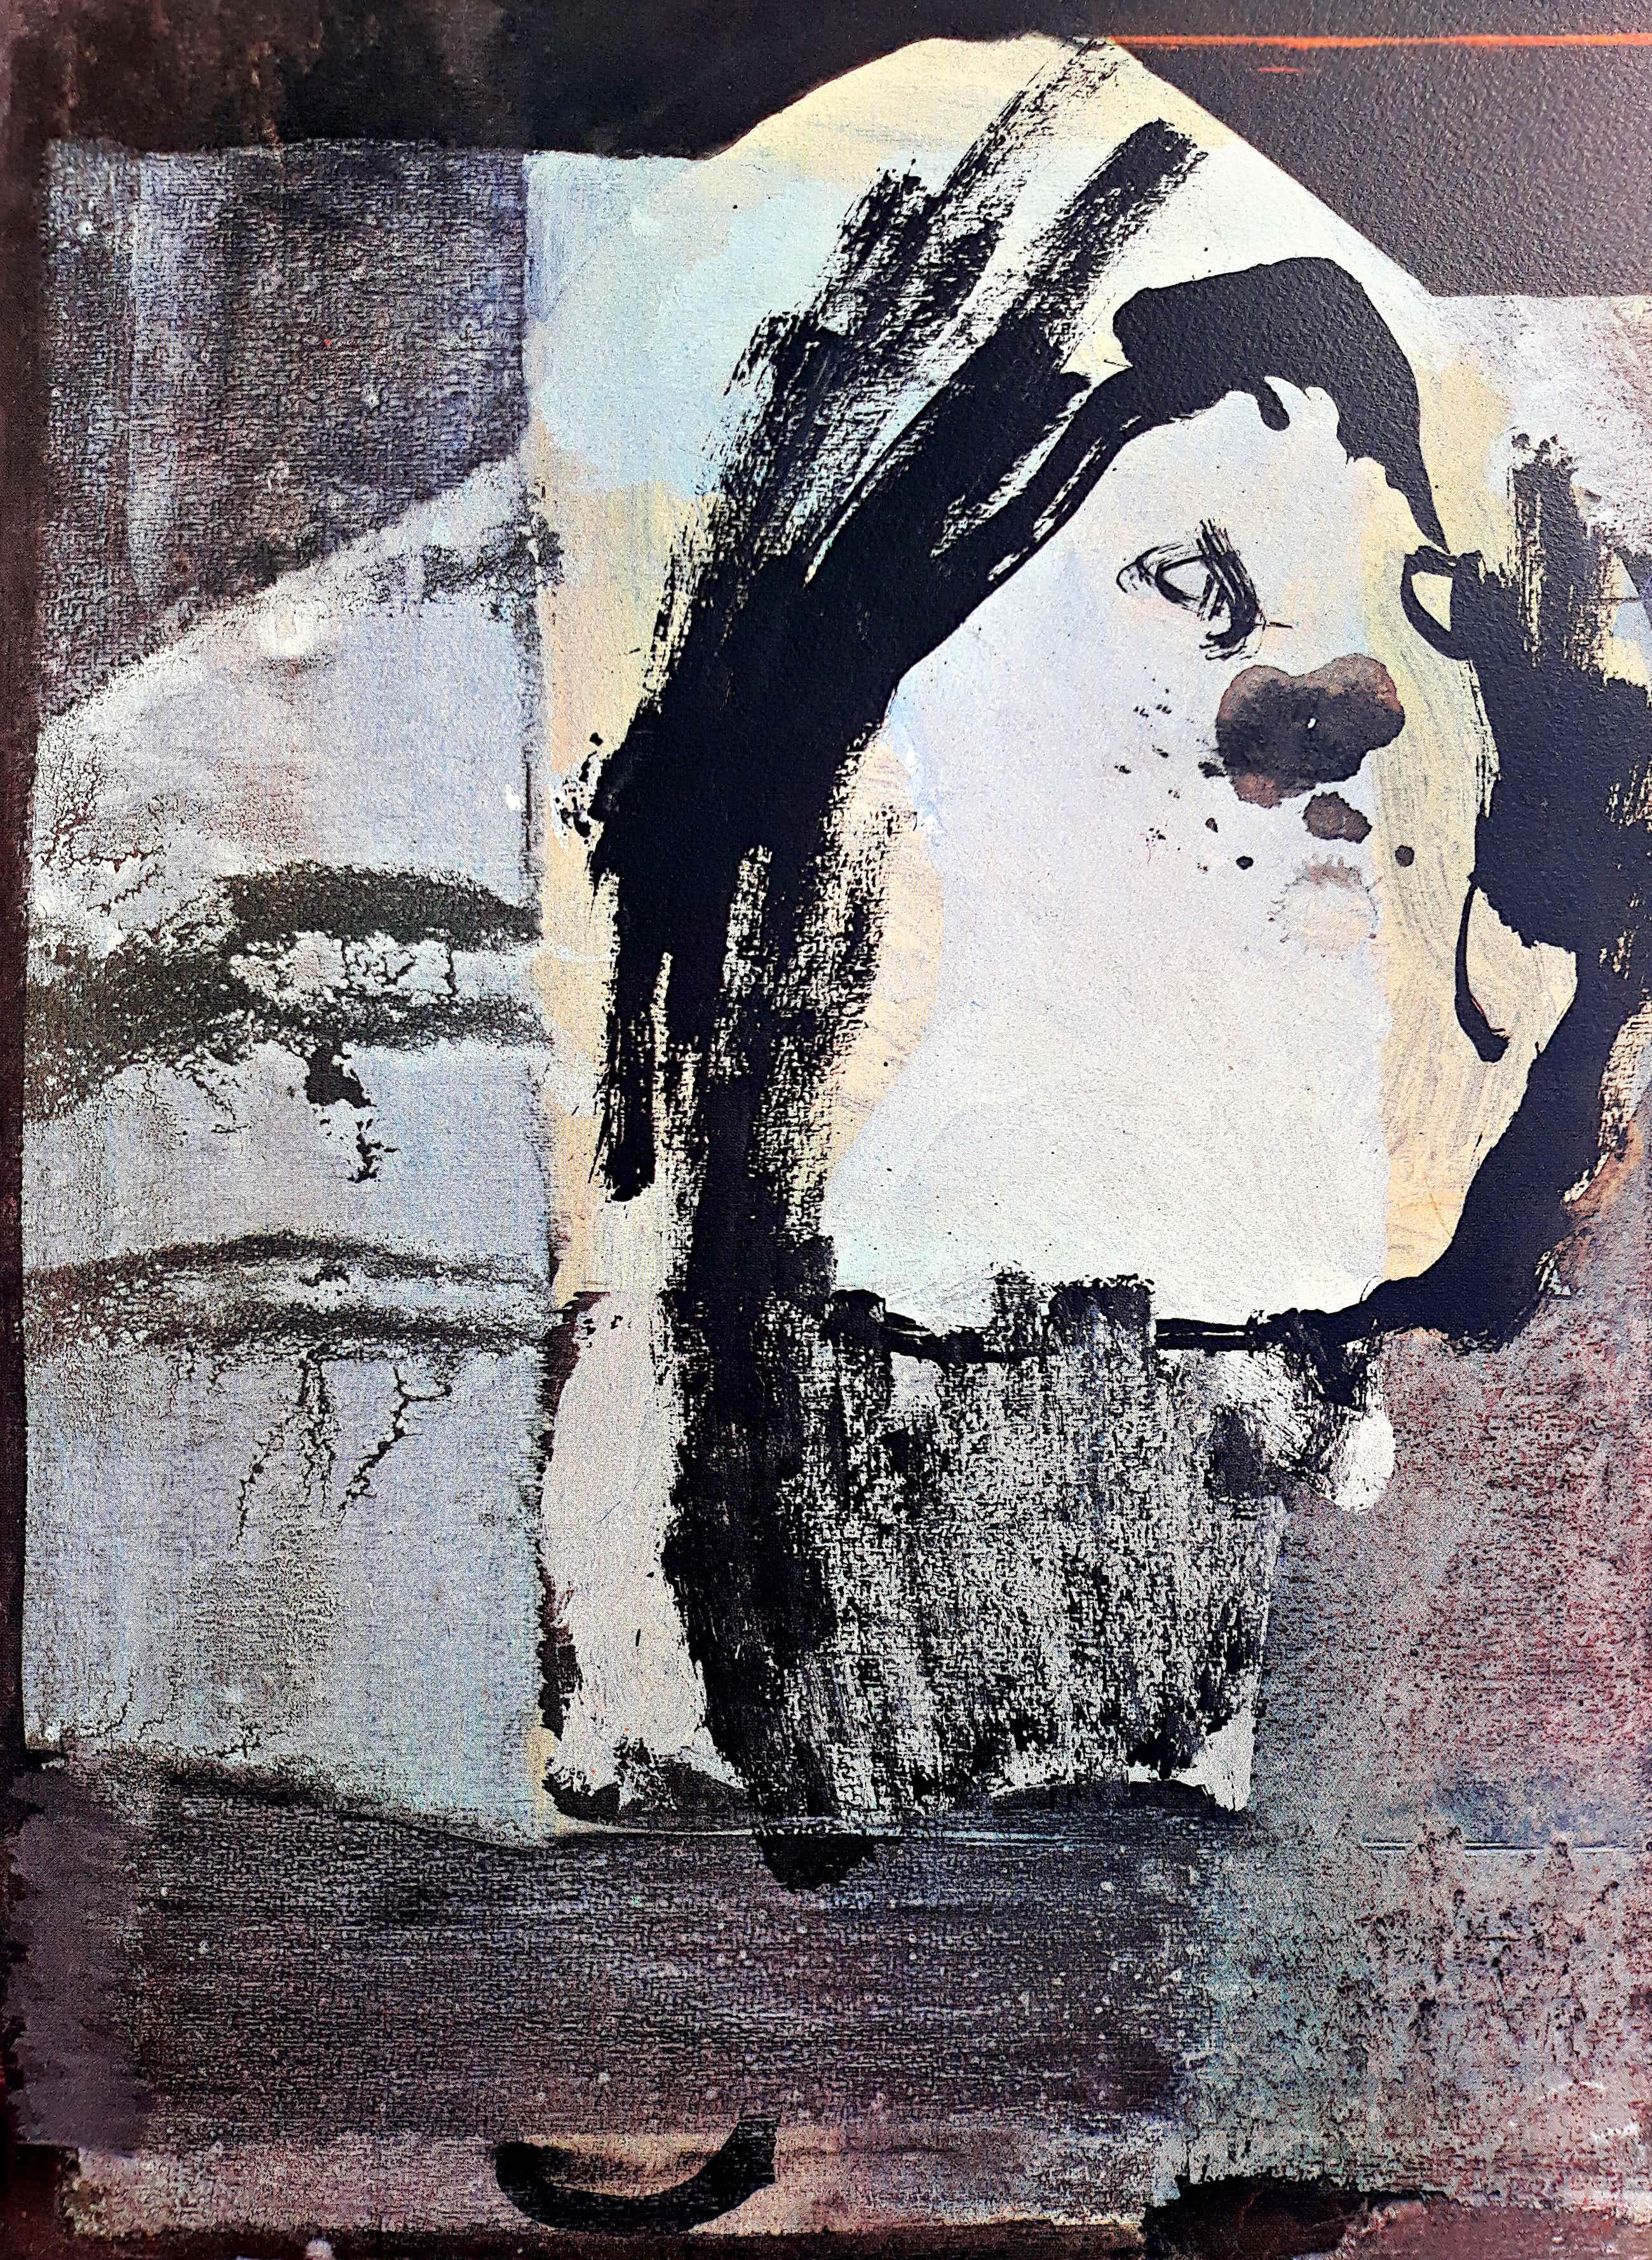 Gerard Leonard van den Eerenbeemt - Abstracte compositie, zeefdruk kopen? Bied vanaf 35!